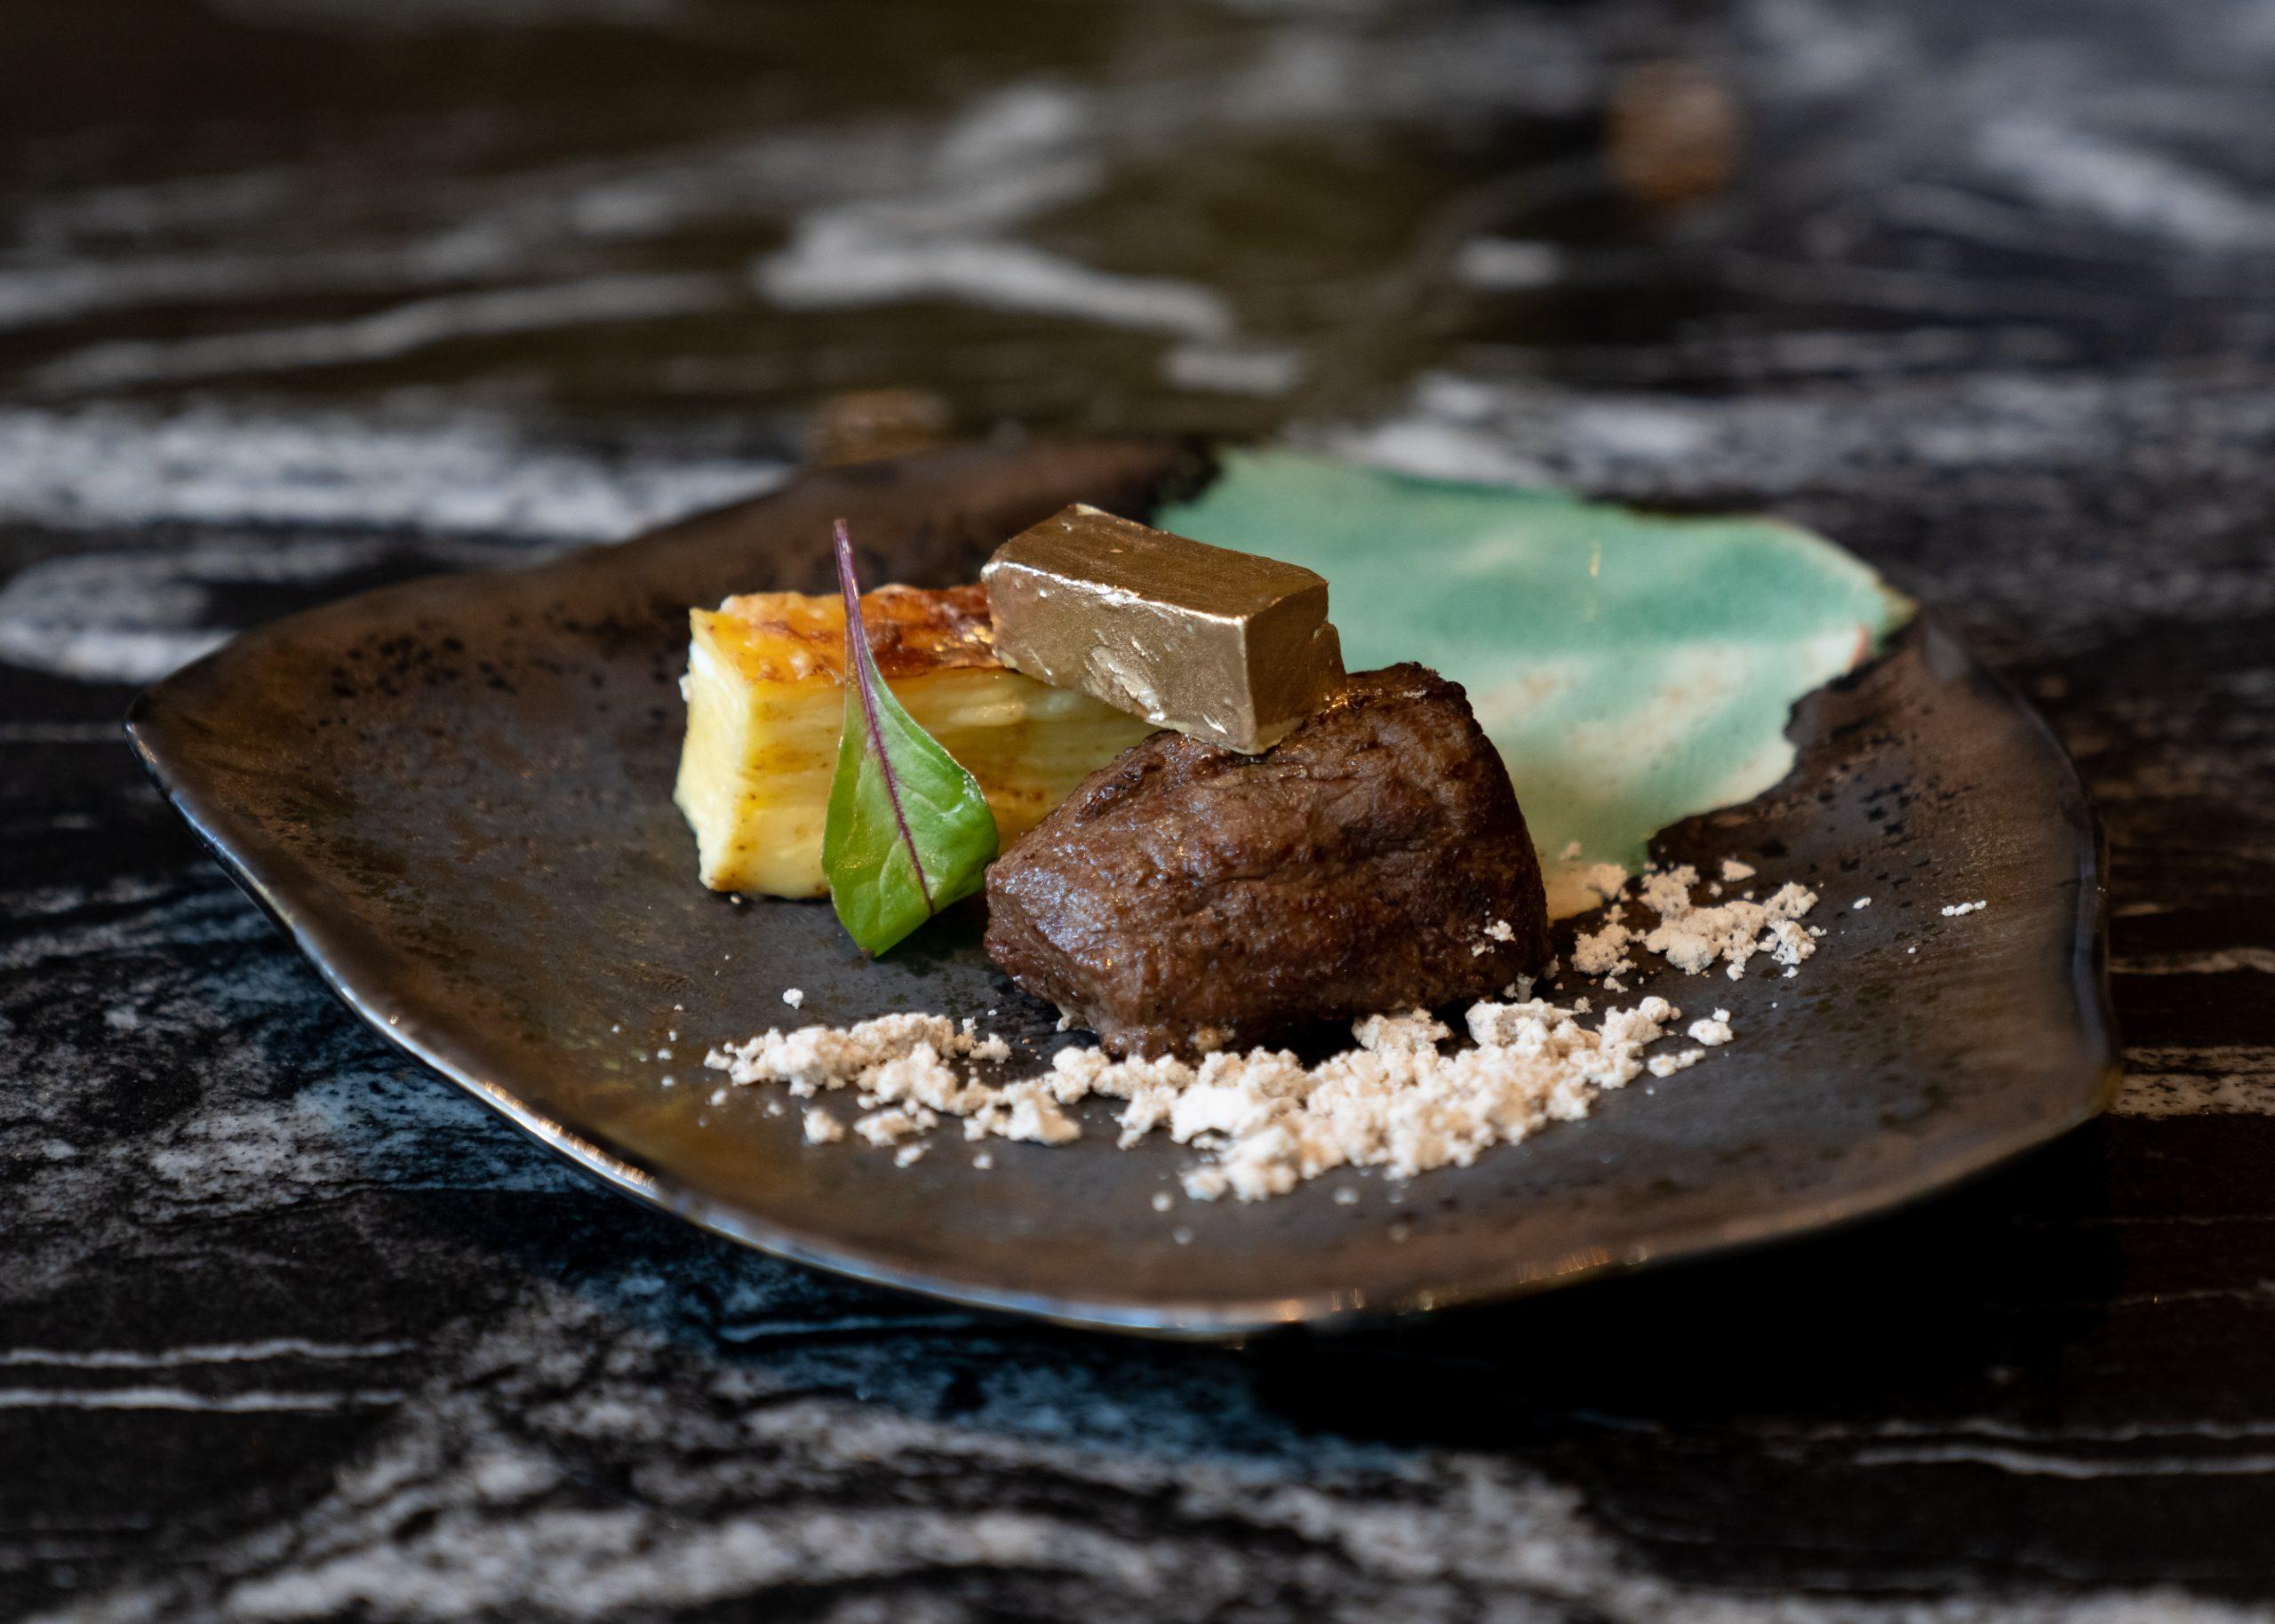 Dolce Vita ресторан.меню филе телятины картоф гратен золотой слиток из фуа-гра грибная пыль соус деми-глас из кваса